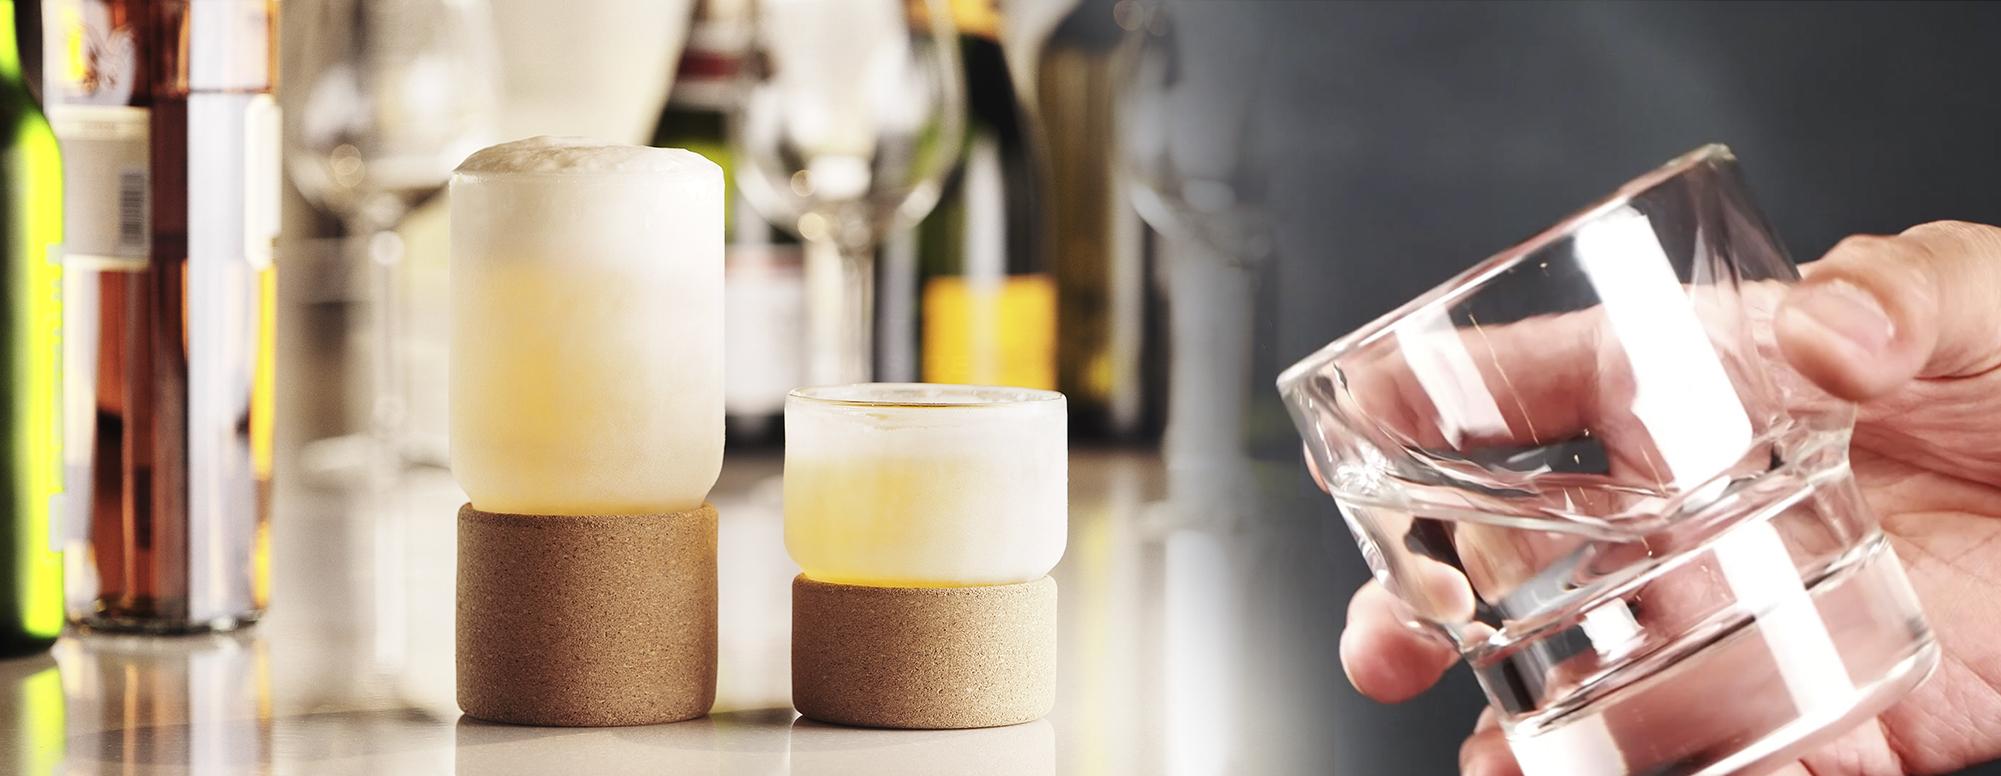 品牌介紹-雙層玻璃冰鎮杯